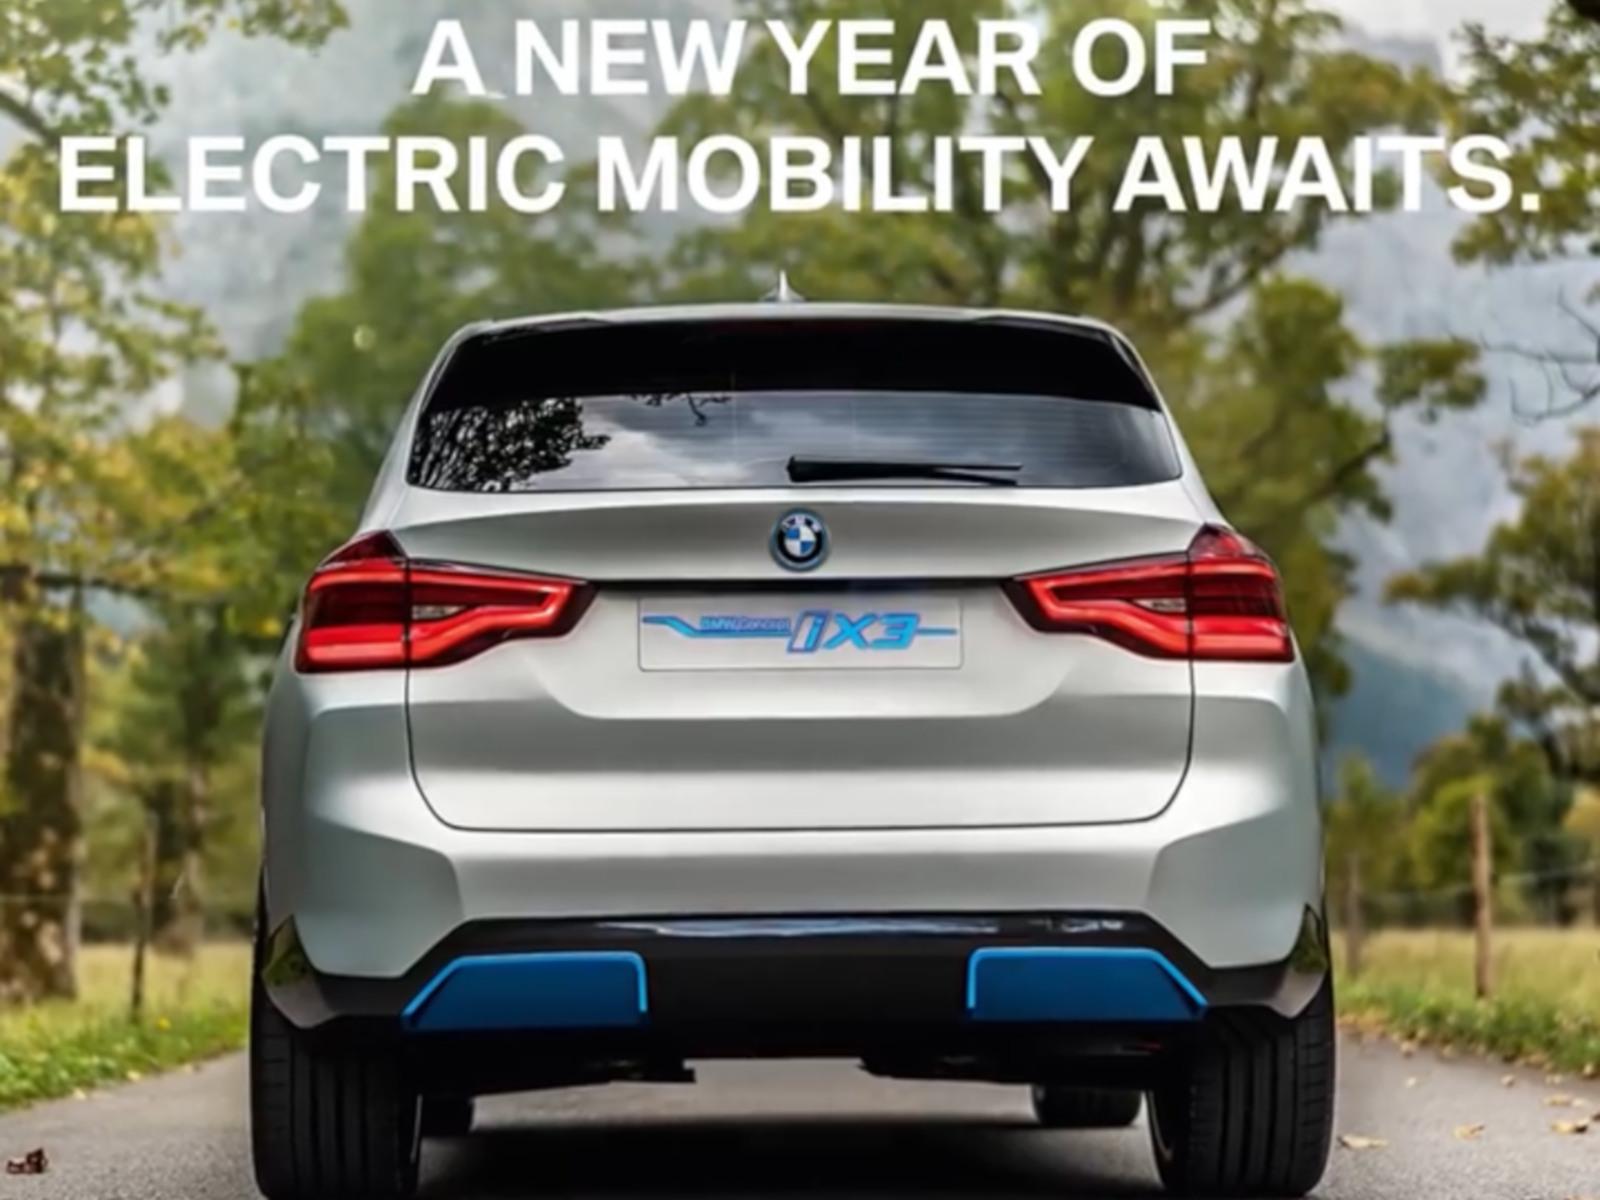 Bmw Neuheiten 2020 Von 5er Facelift Bis Zum Elektro Suv Ix3